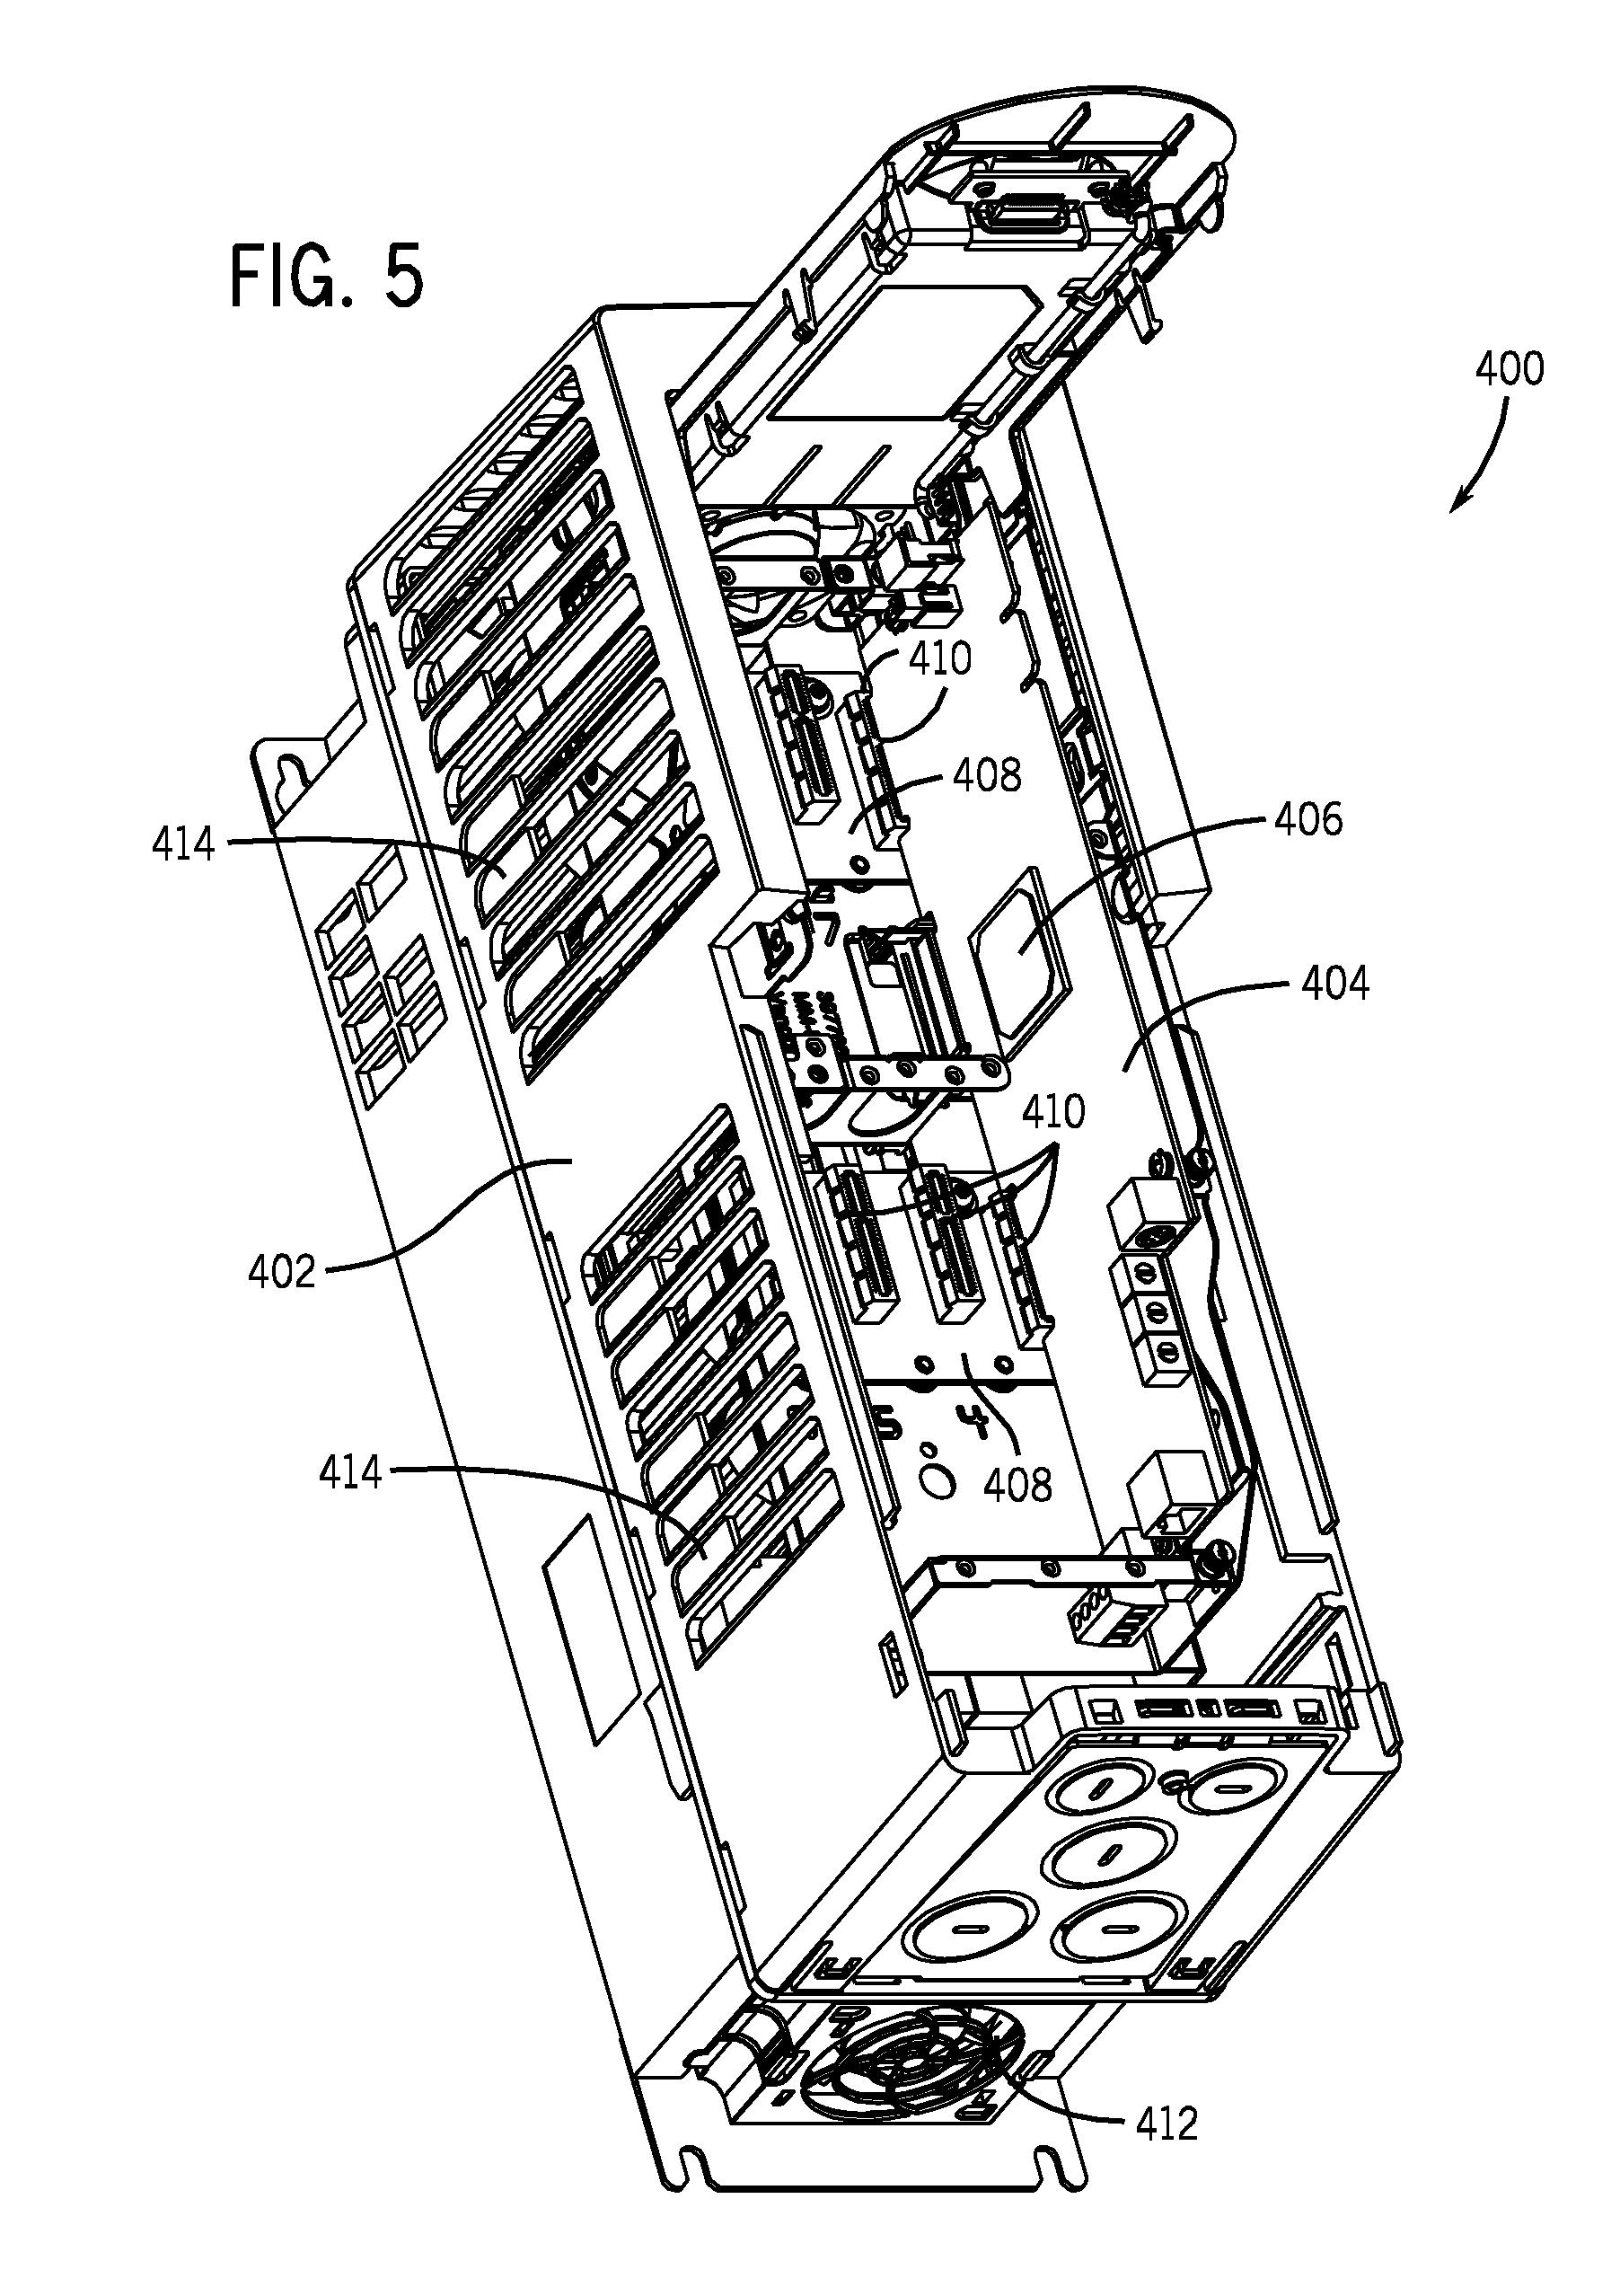 goodman manufacturing wiring diagrams hkr20